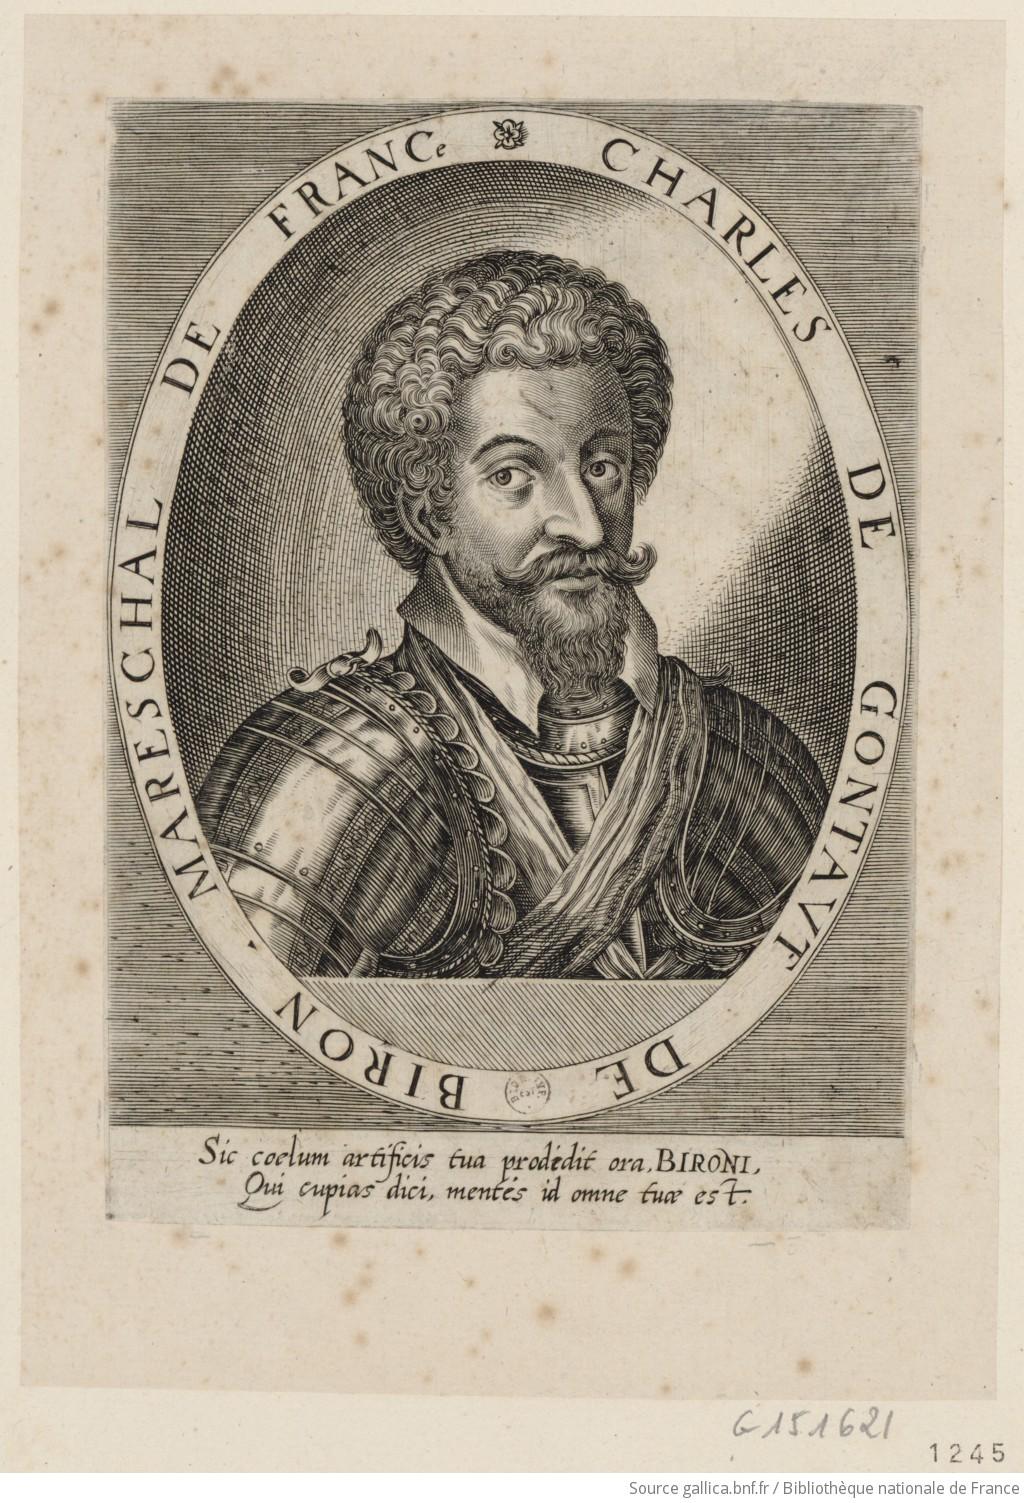 Portrait de Charles de Gontaut Biron, maréchal de France, en buste, de 3/4 dirigé à droite, dans une bordure ovale : [estampe]